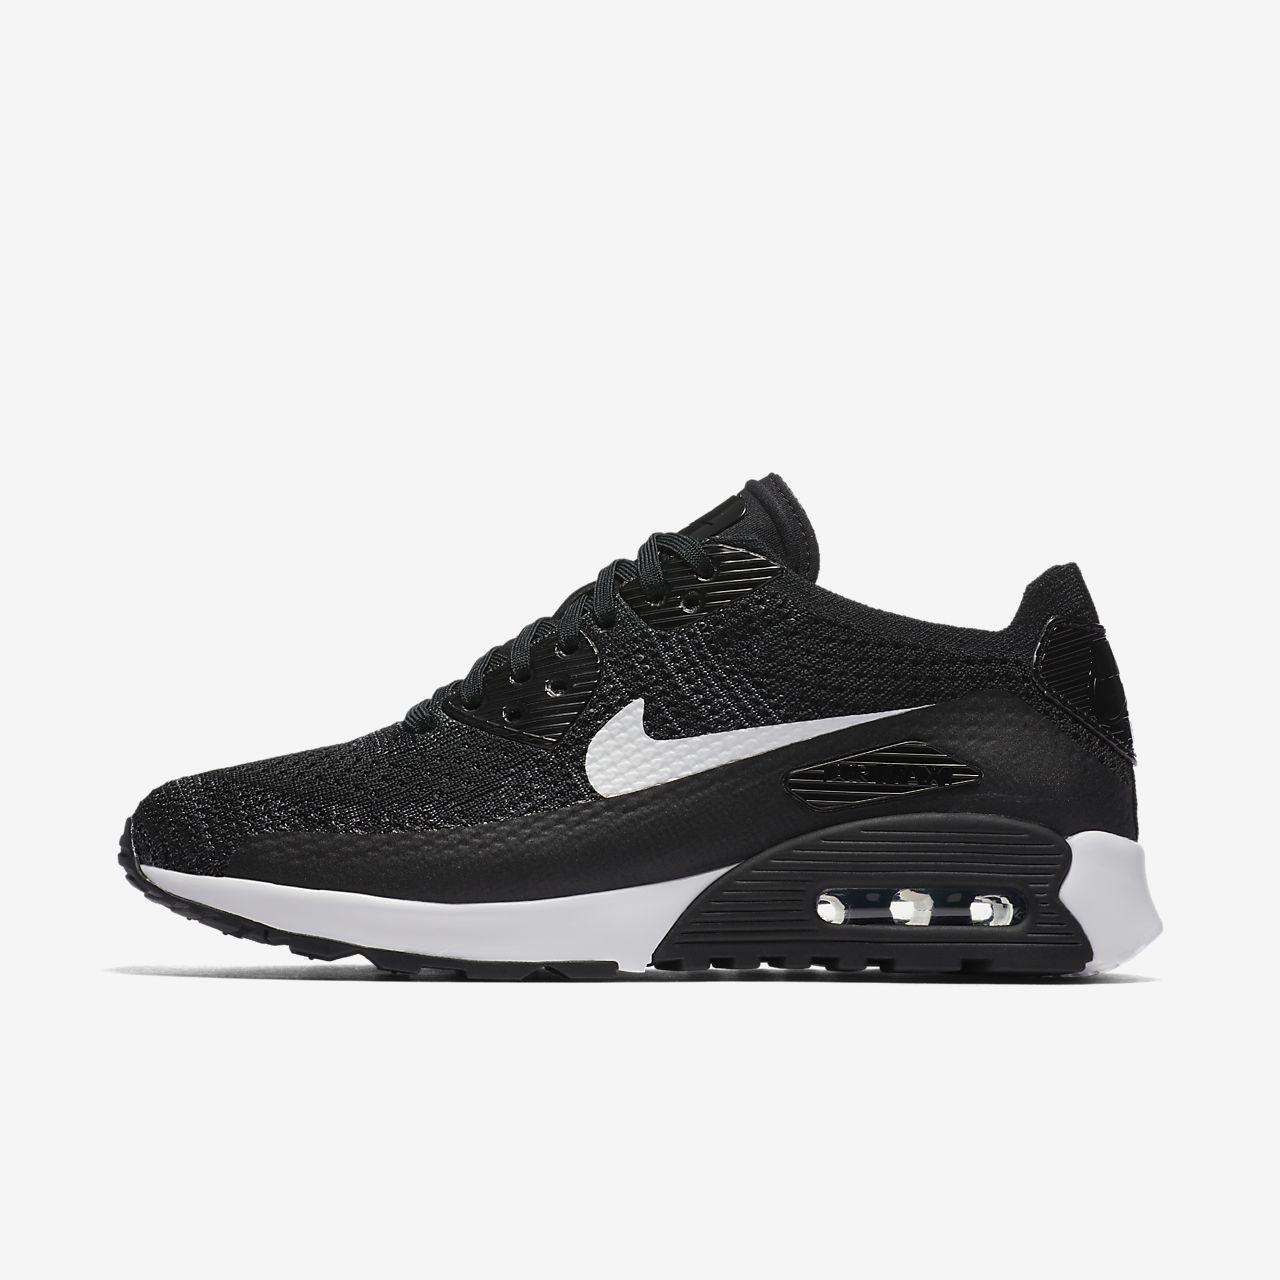 nike air max 2017 zwart wit goedkoop